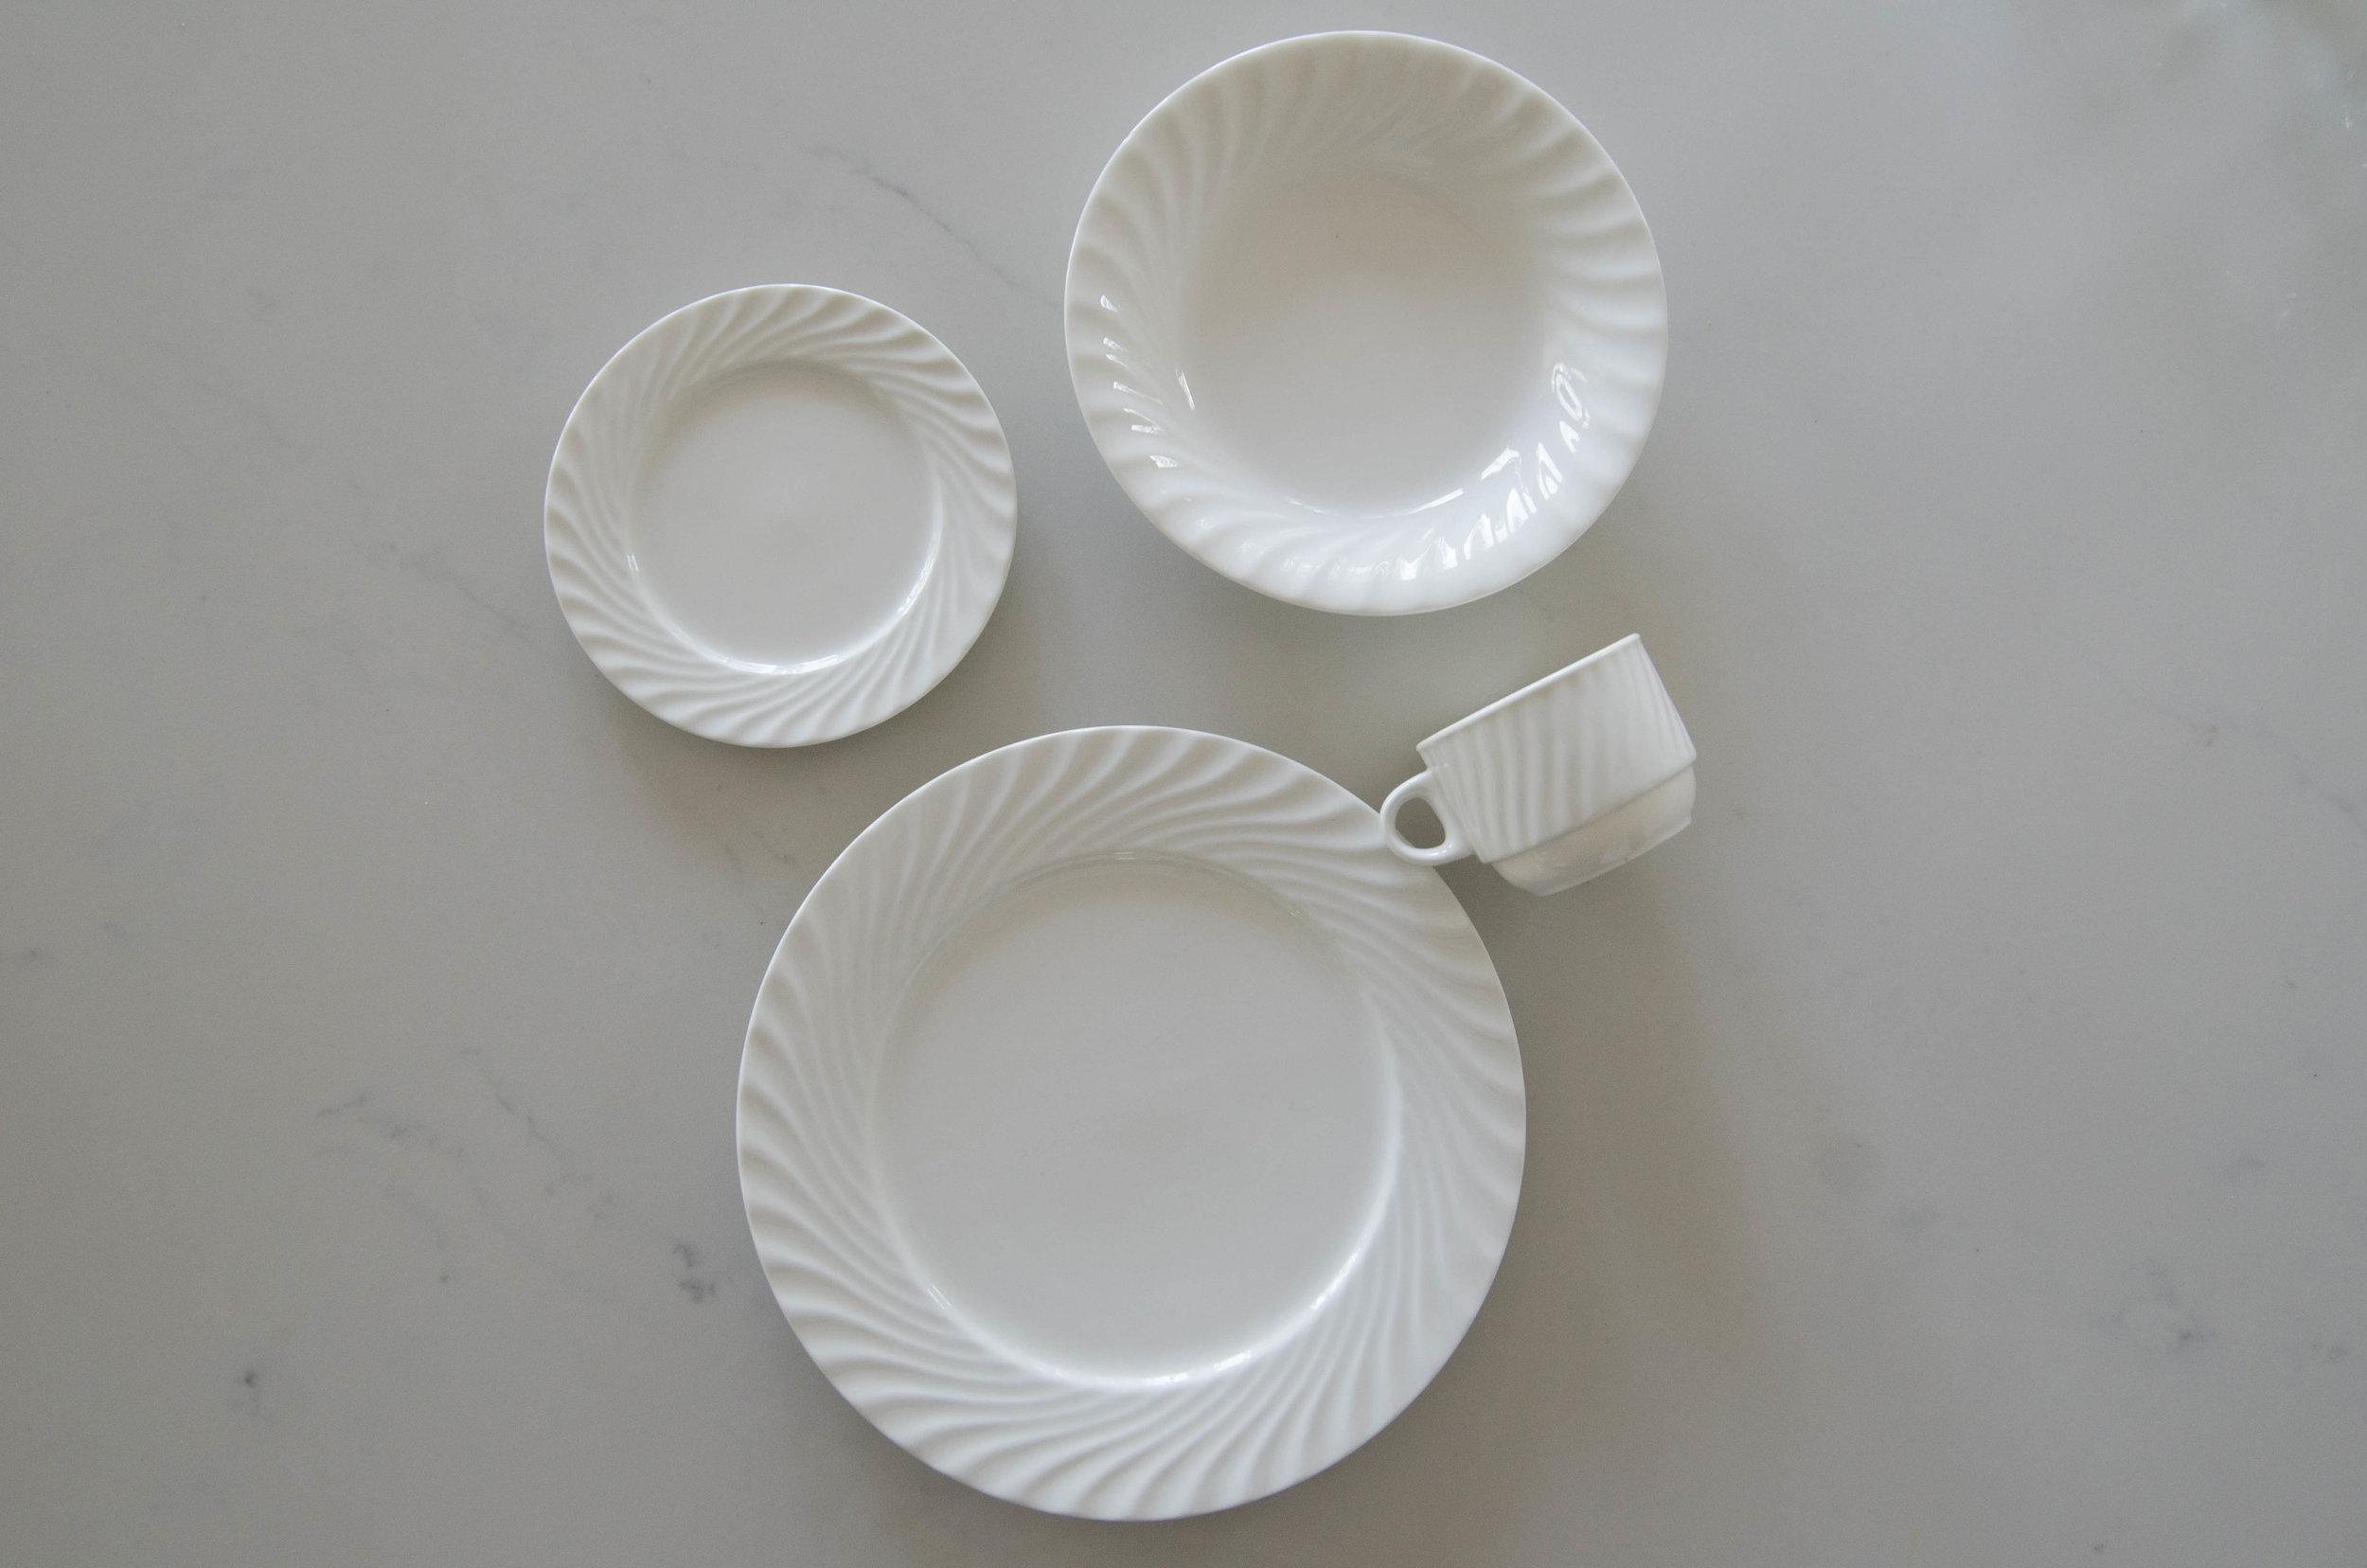 Textured White Dinnerware